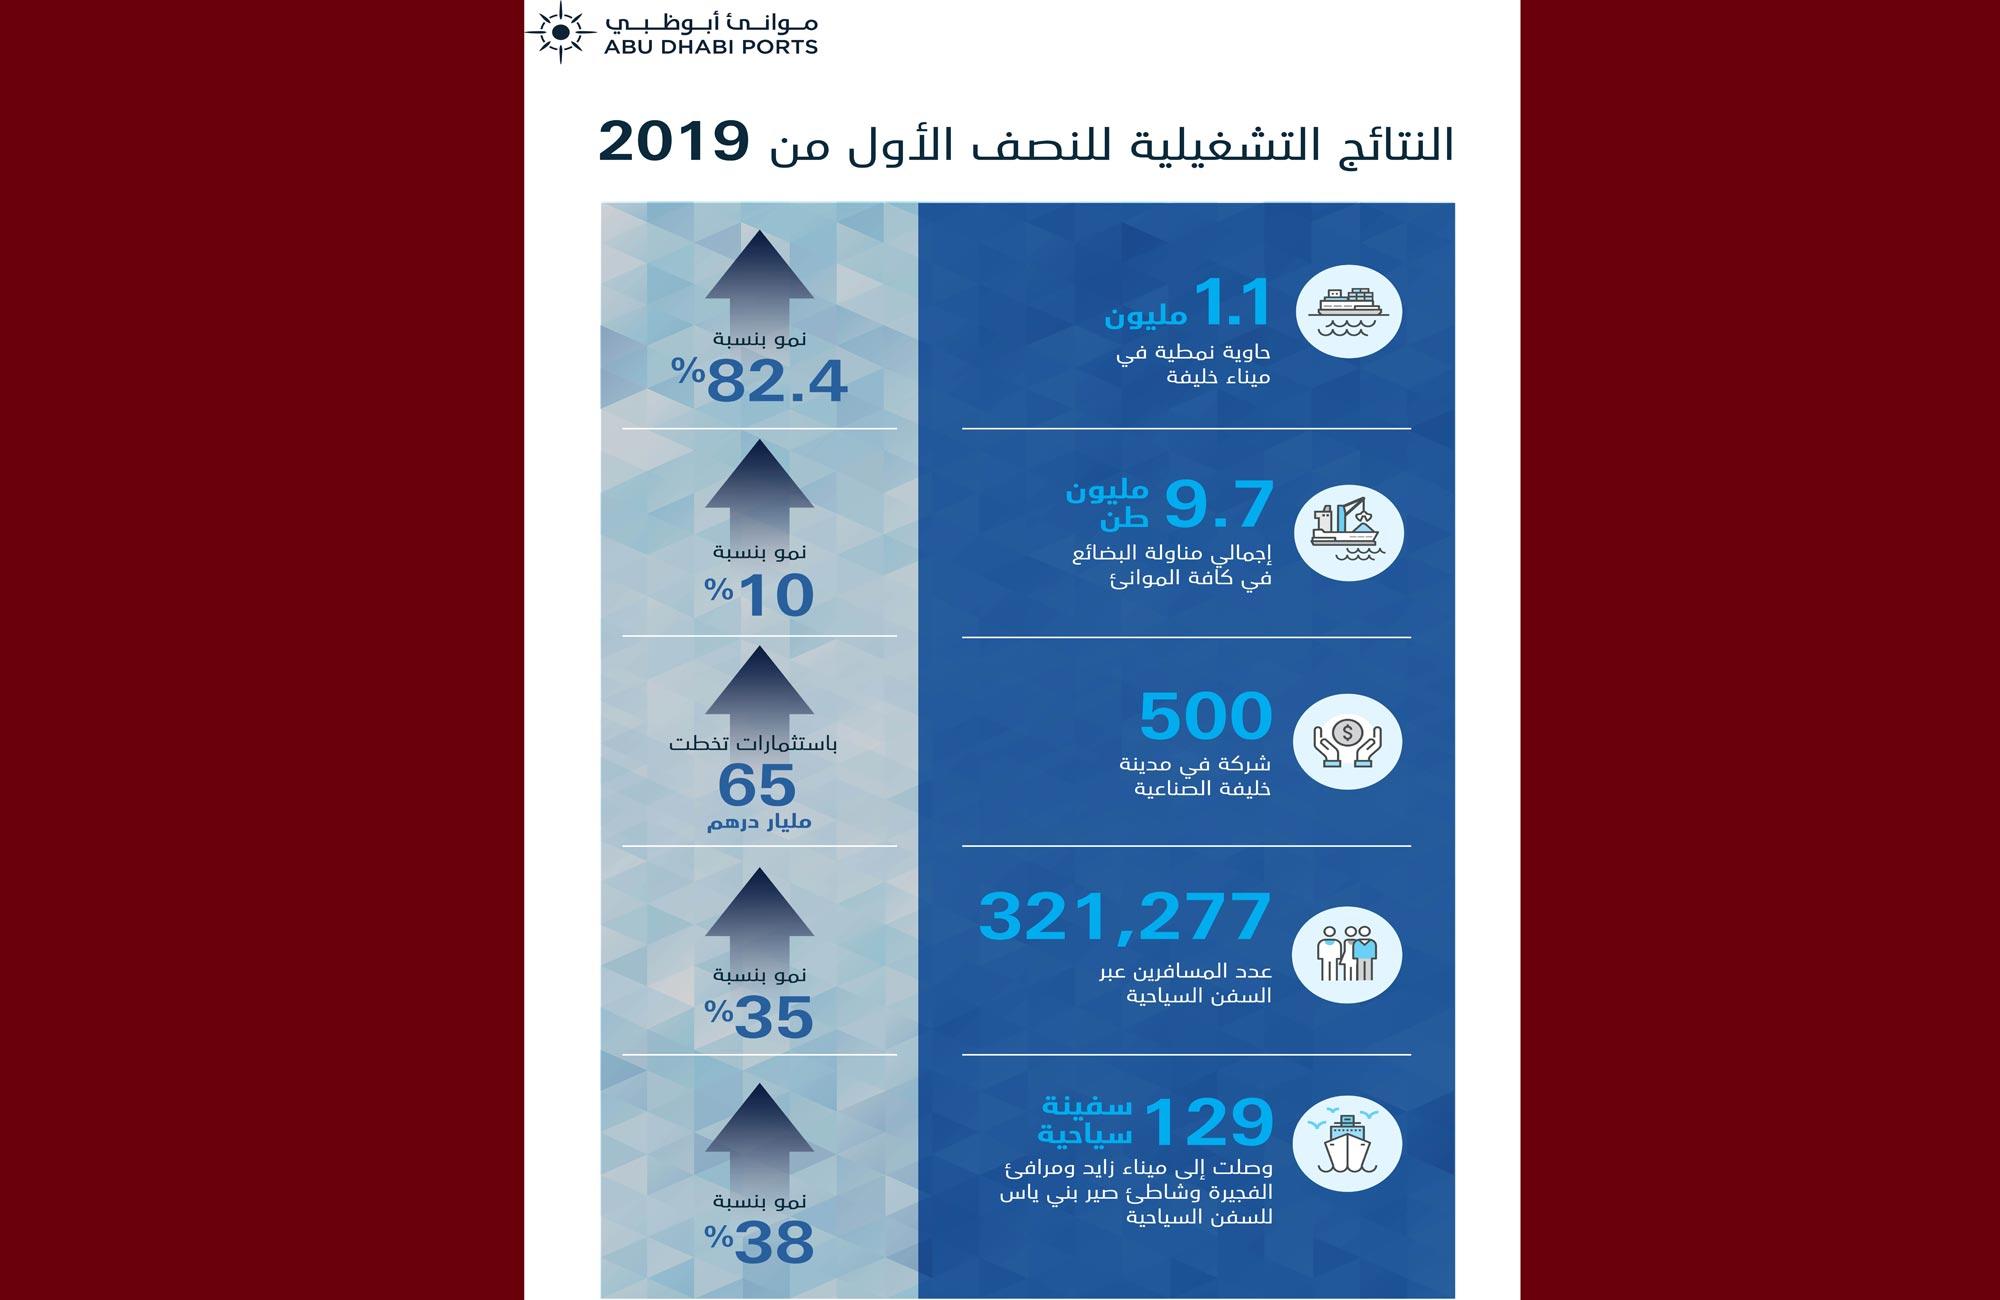 موانئ أبوظبي تحقق أداءً قويا في أحجام مناولة الحاويات مسجلة نموا بنسبة 82.4 % في النصف الأول من 2019